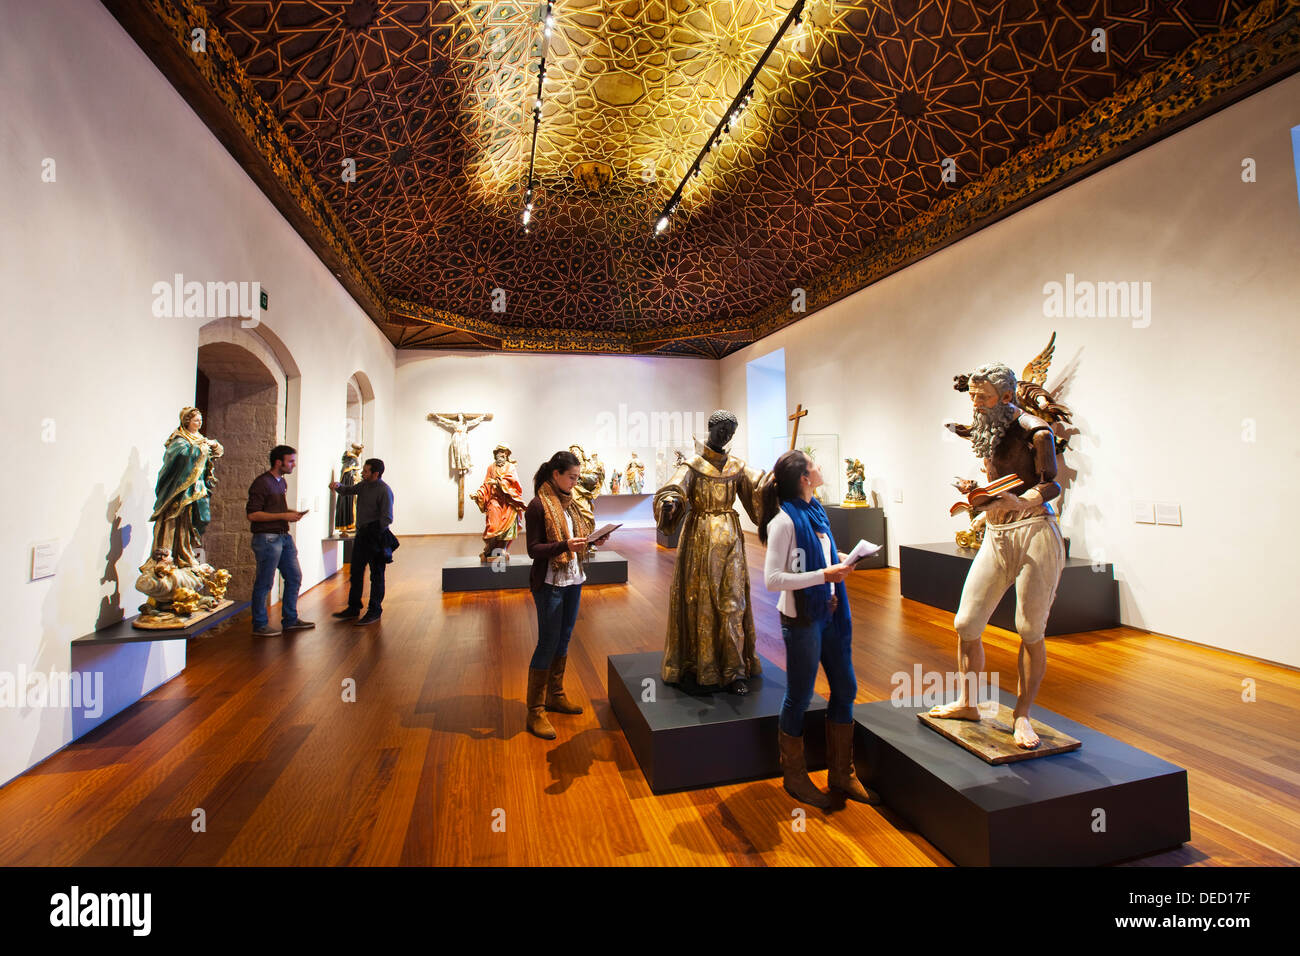 Hall 20  Baroque Images. San Gregorio College. San Gregorio College National Museum.Valladolid. Castilla- Leon. Spain. - Stock Image